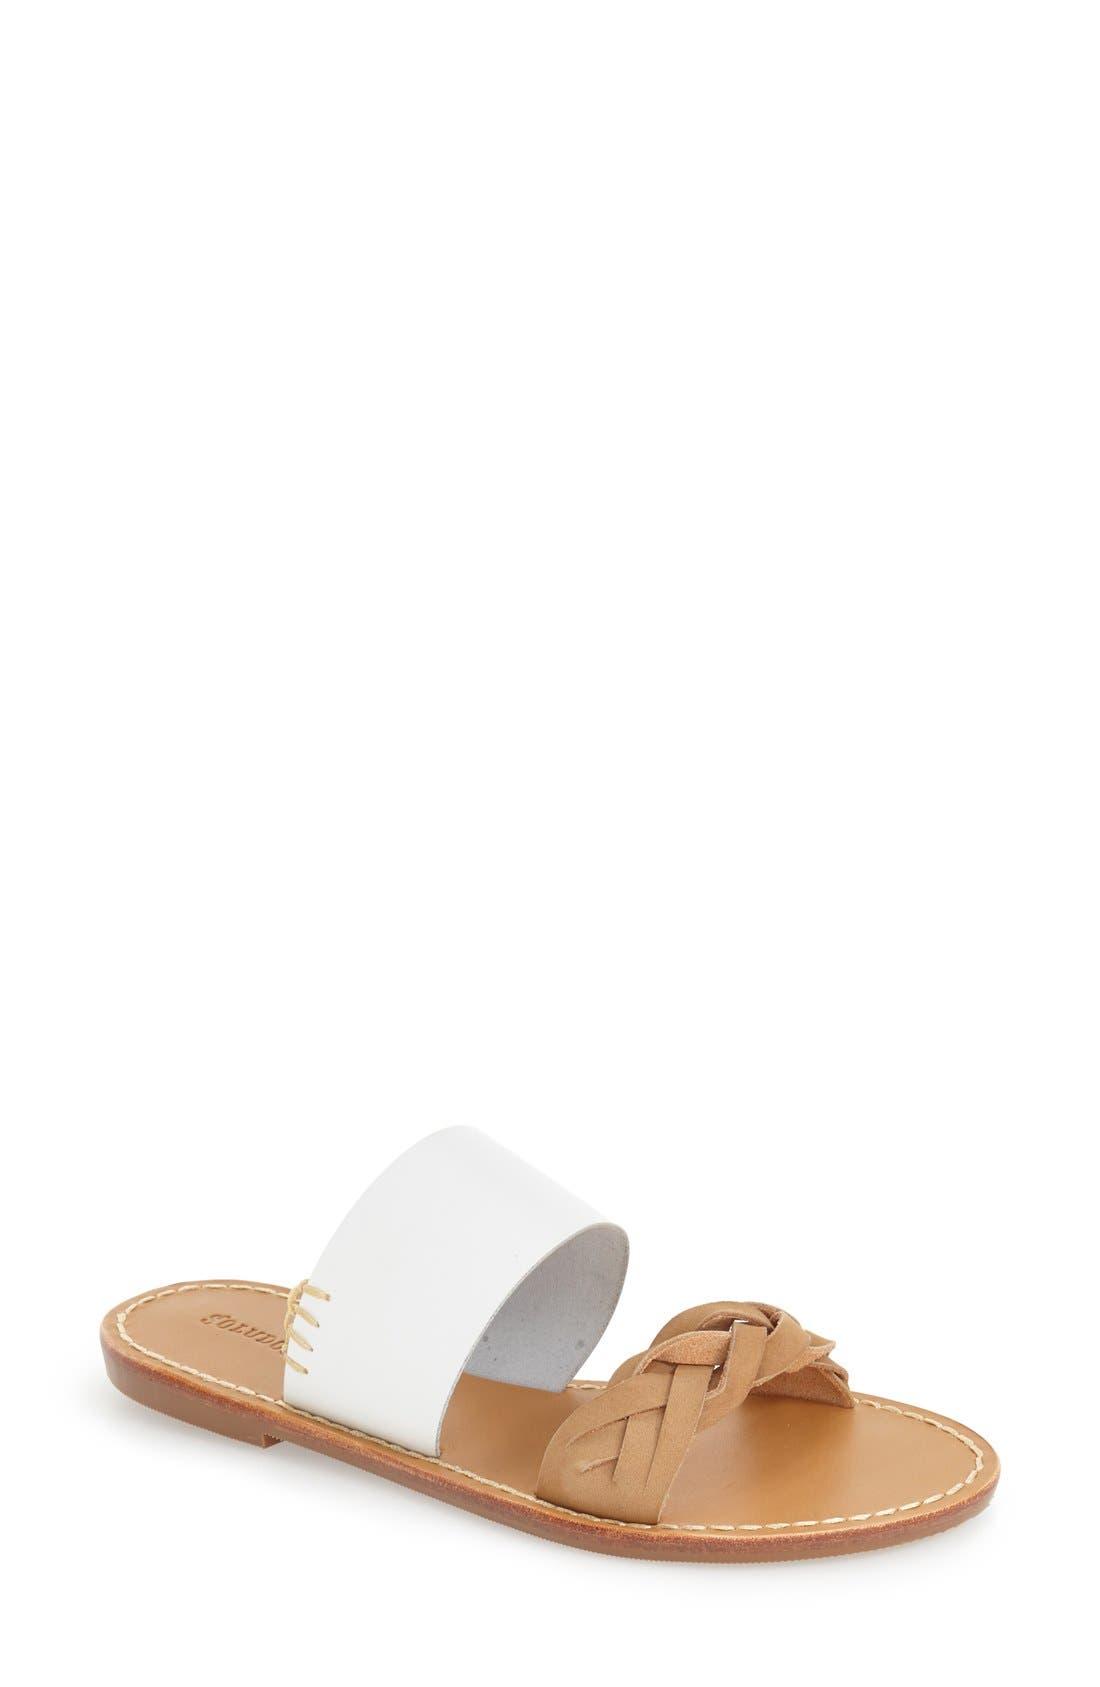 Alternate Image 1 Selected - Soludos Slide Sandal (Women)